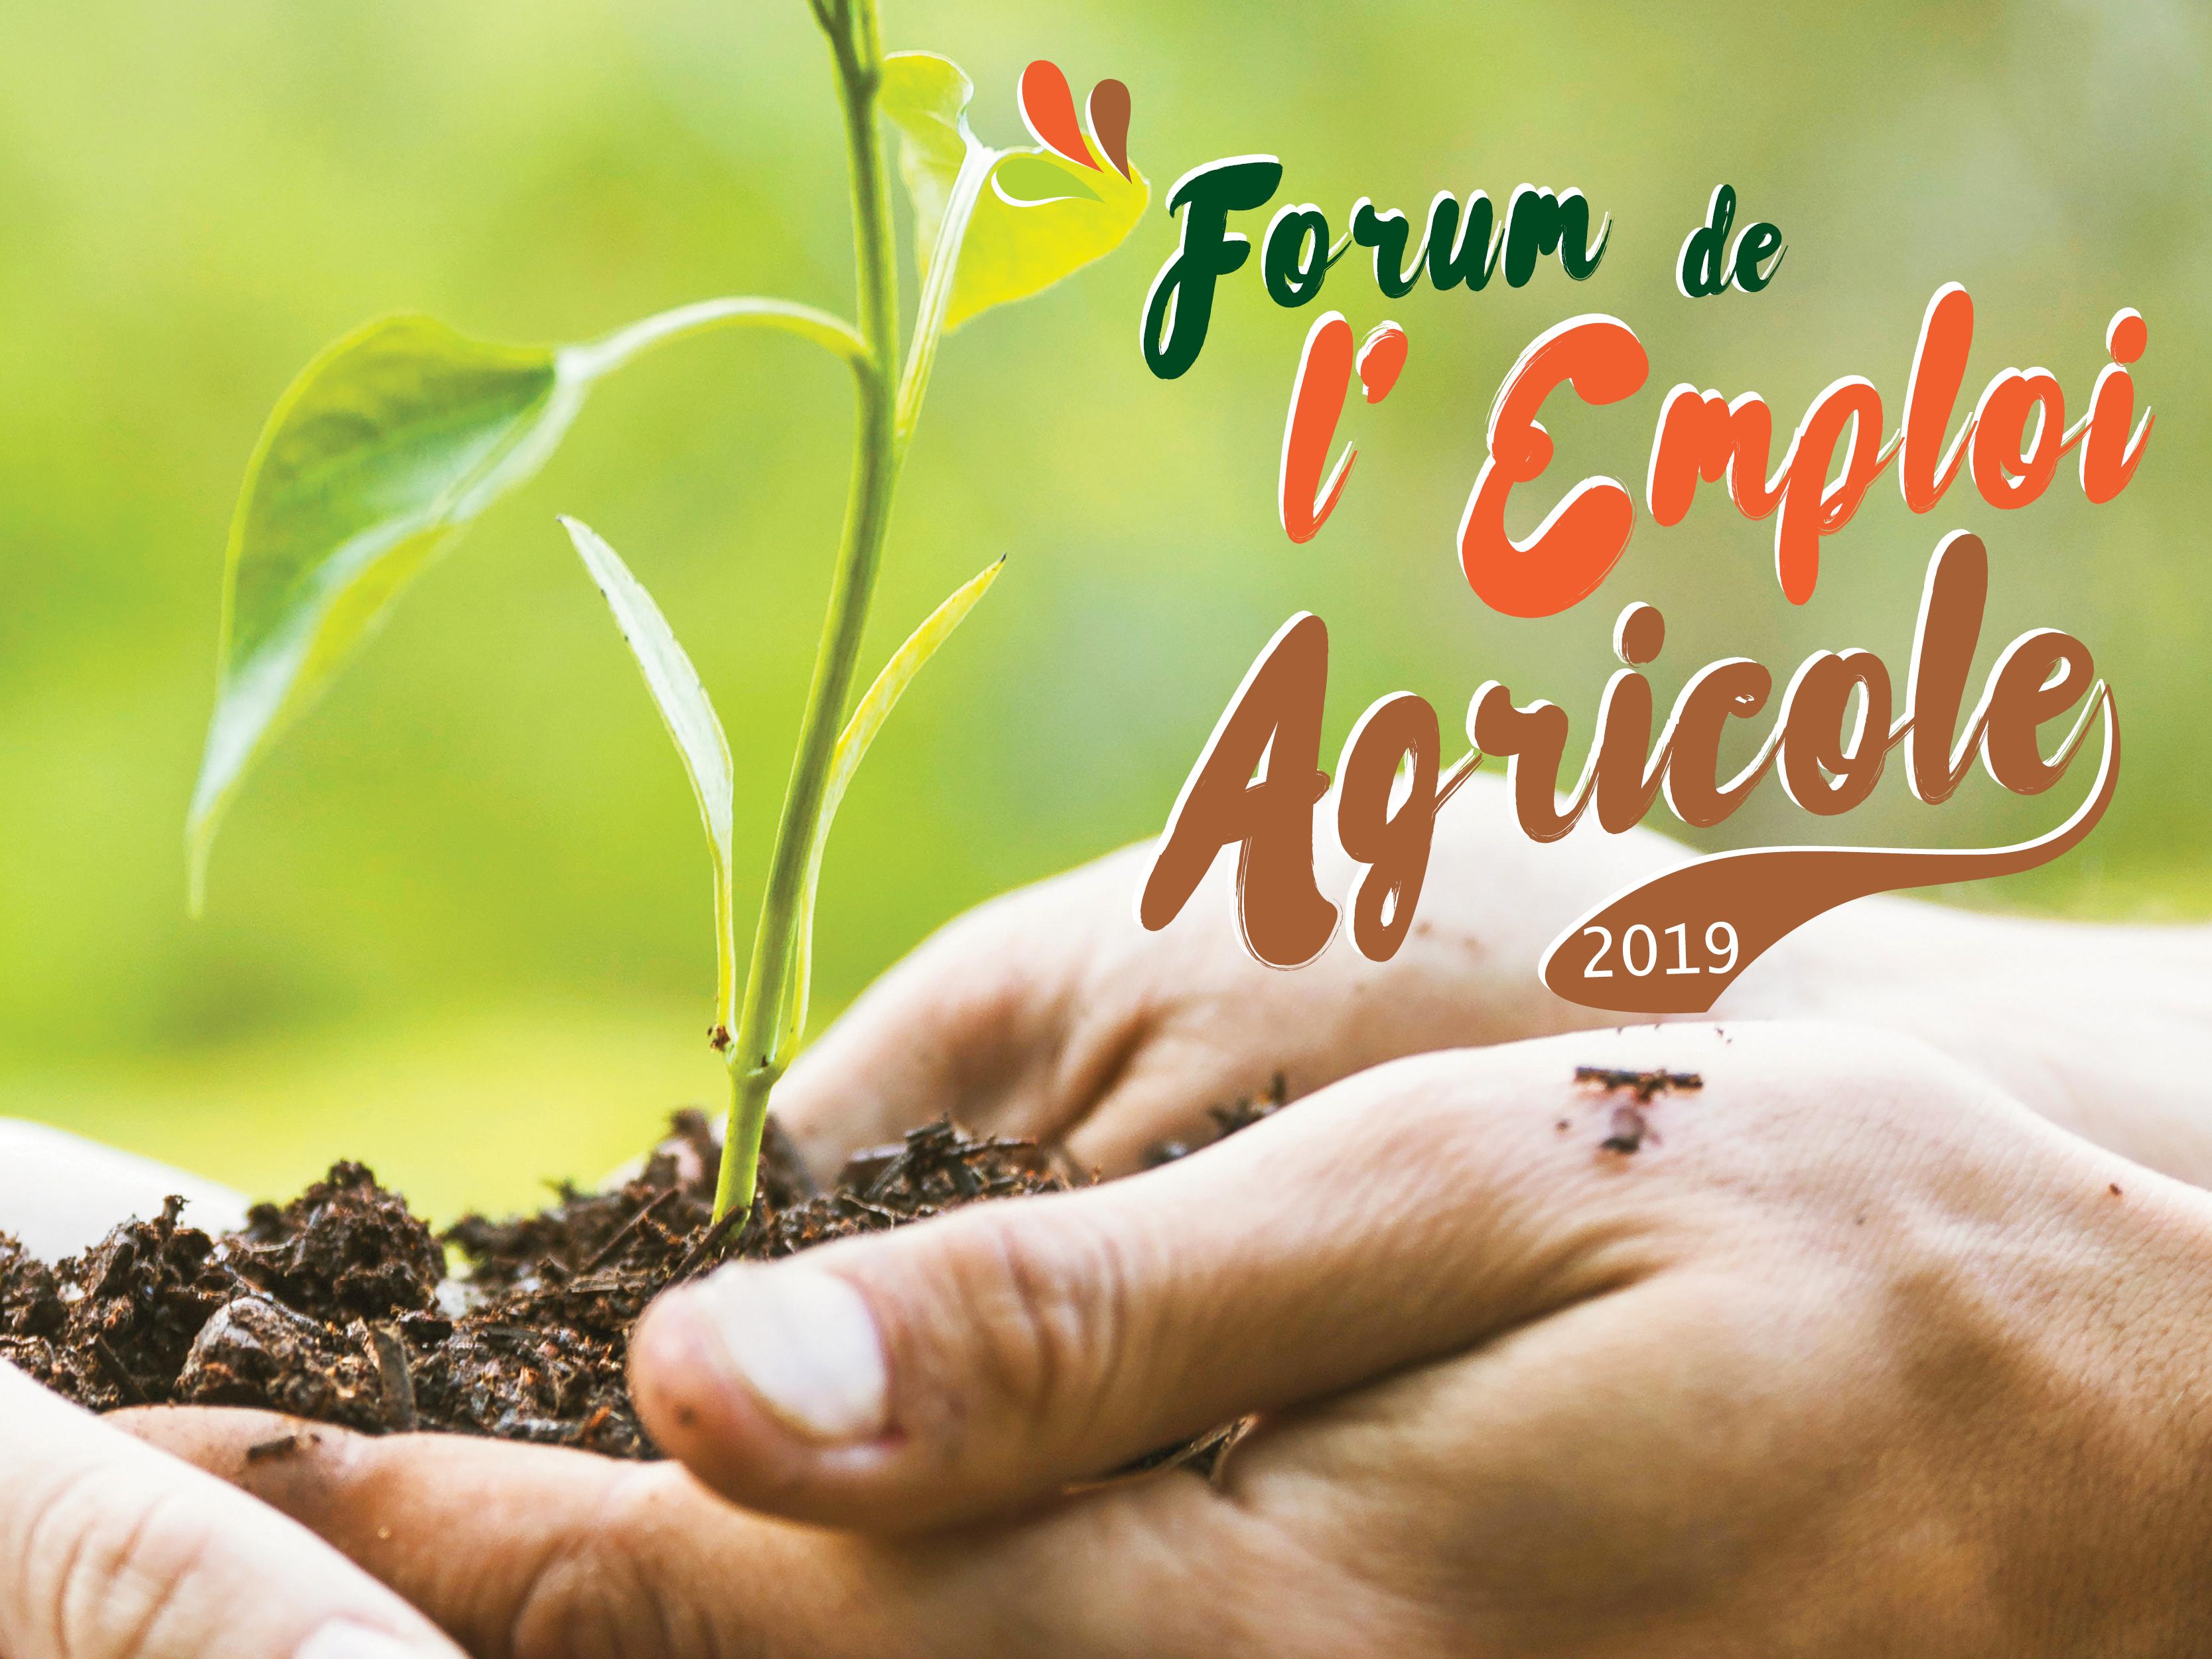 Forum de l'emploi agricole en terre de Camargue, 26 février 2019 à Aigues-Mortes